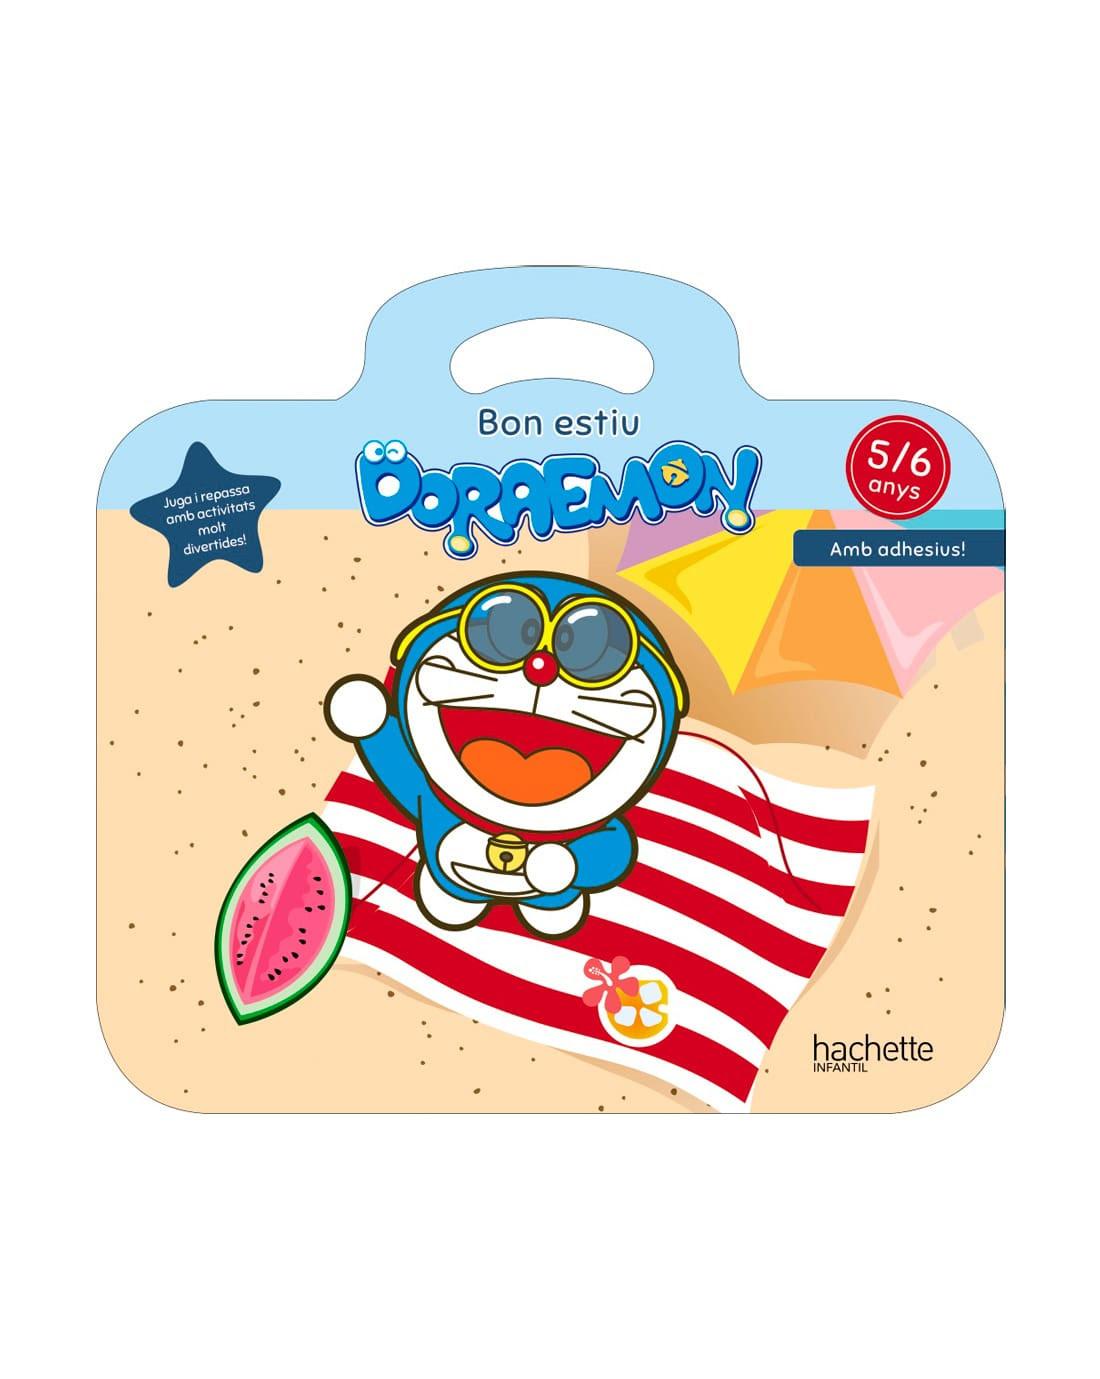 Bon estiu Doraemon